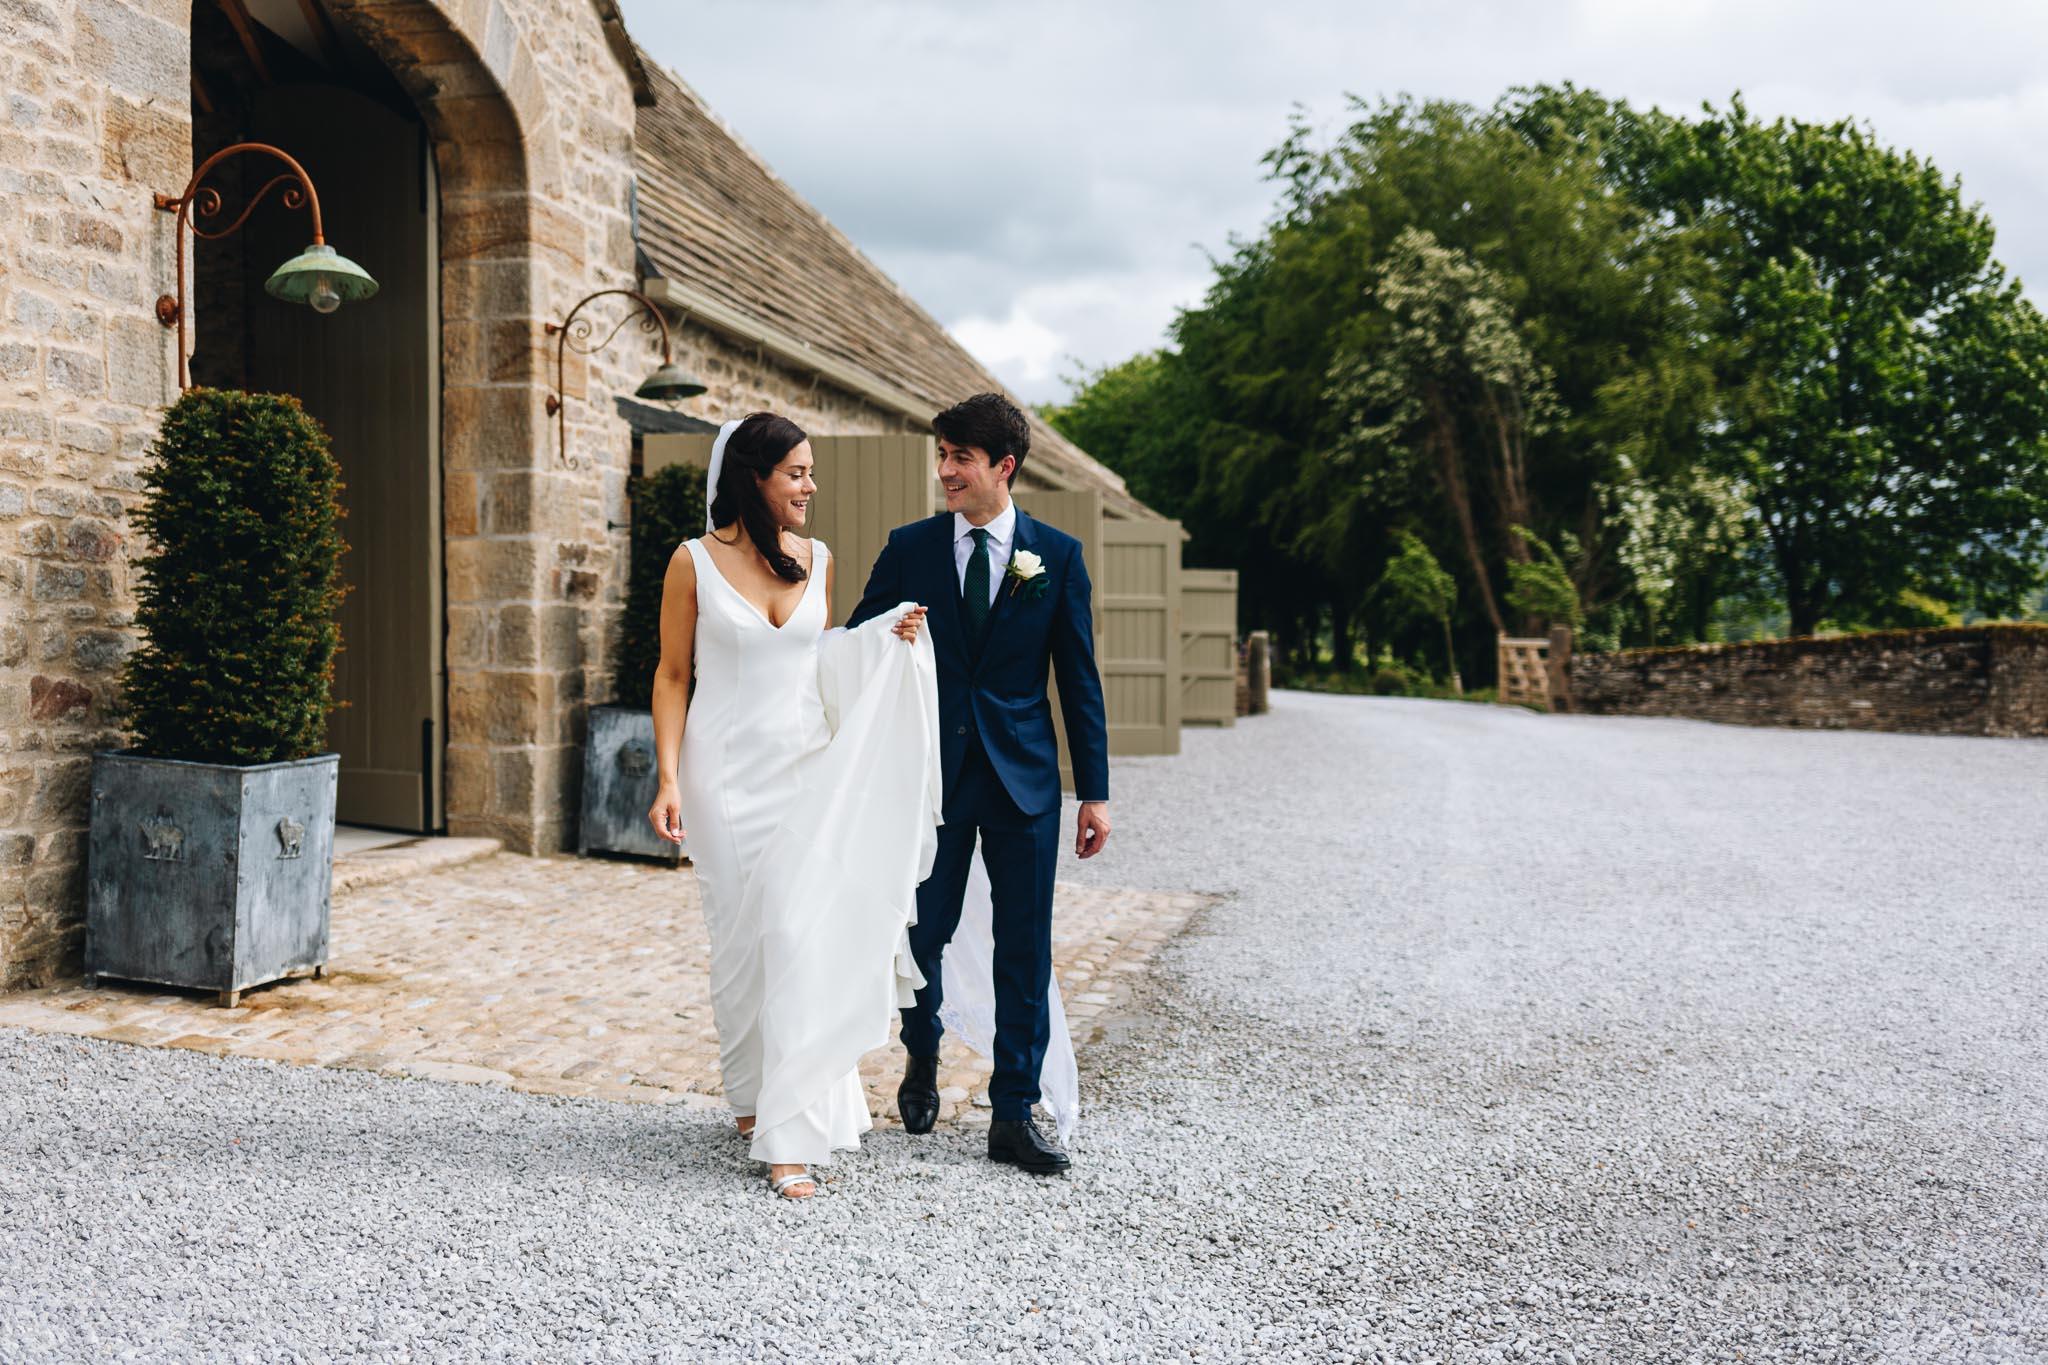 Tithe Barn Bolton Abbey Wedding Photographer_Andy Matheson_043.jpg